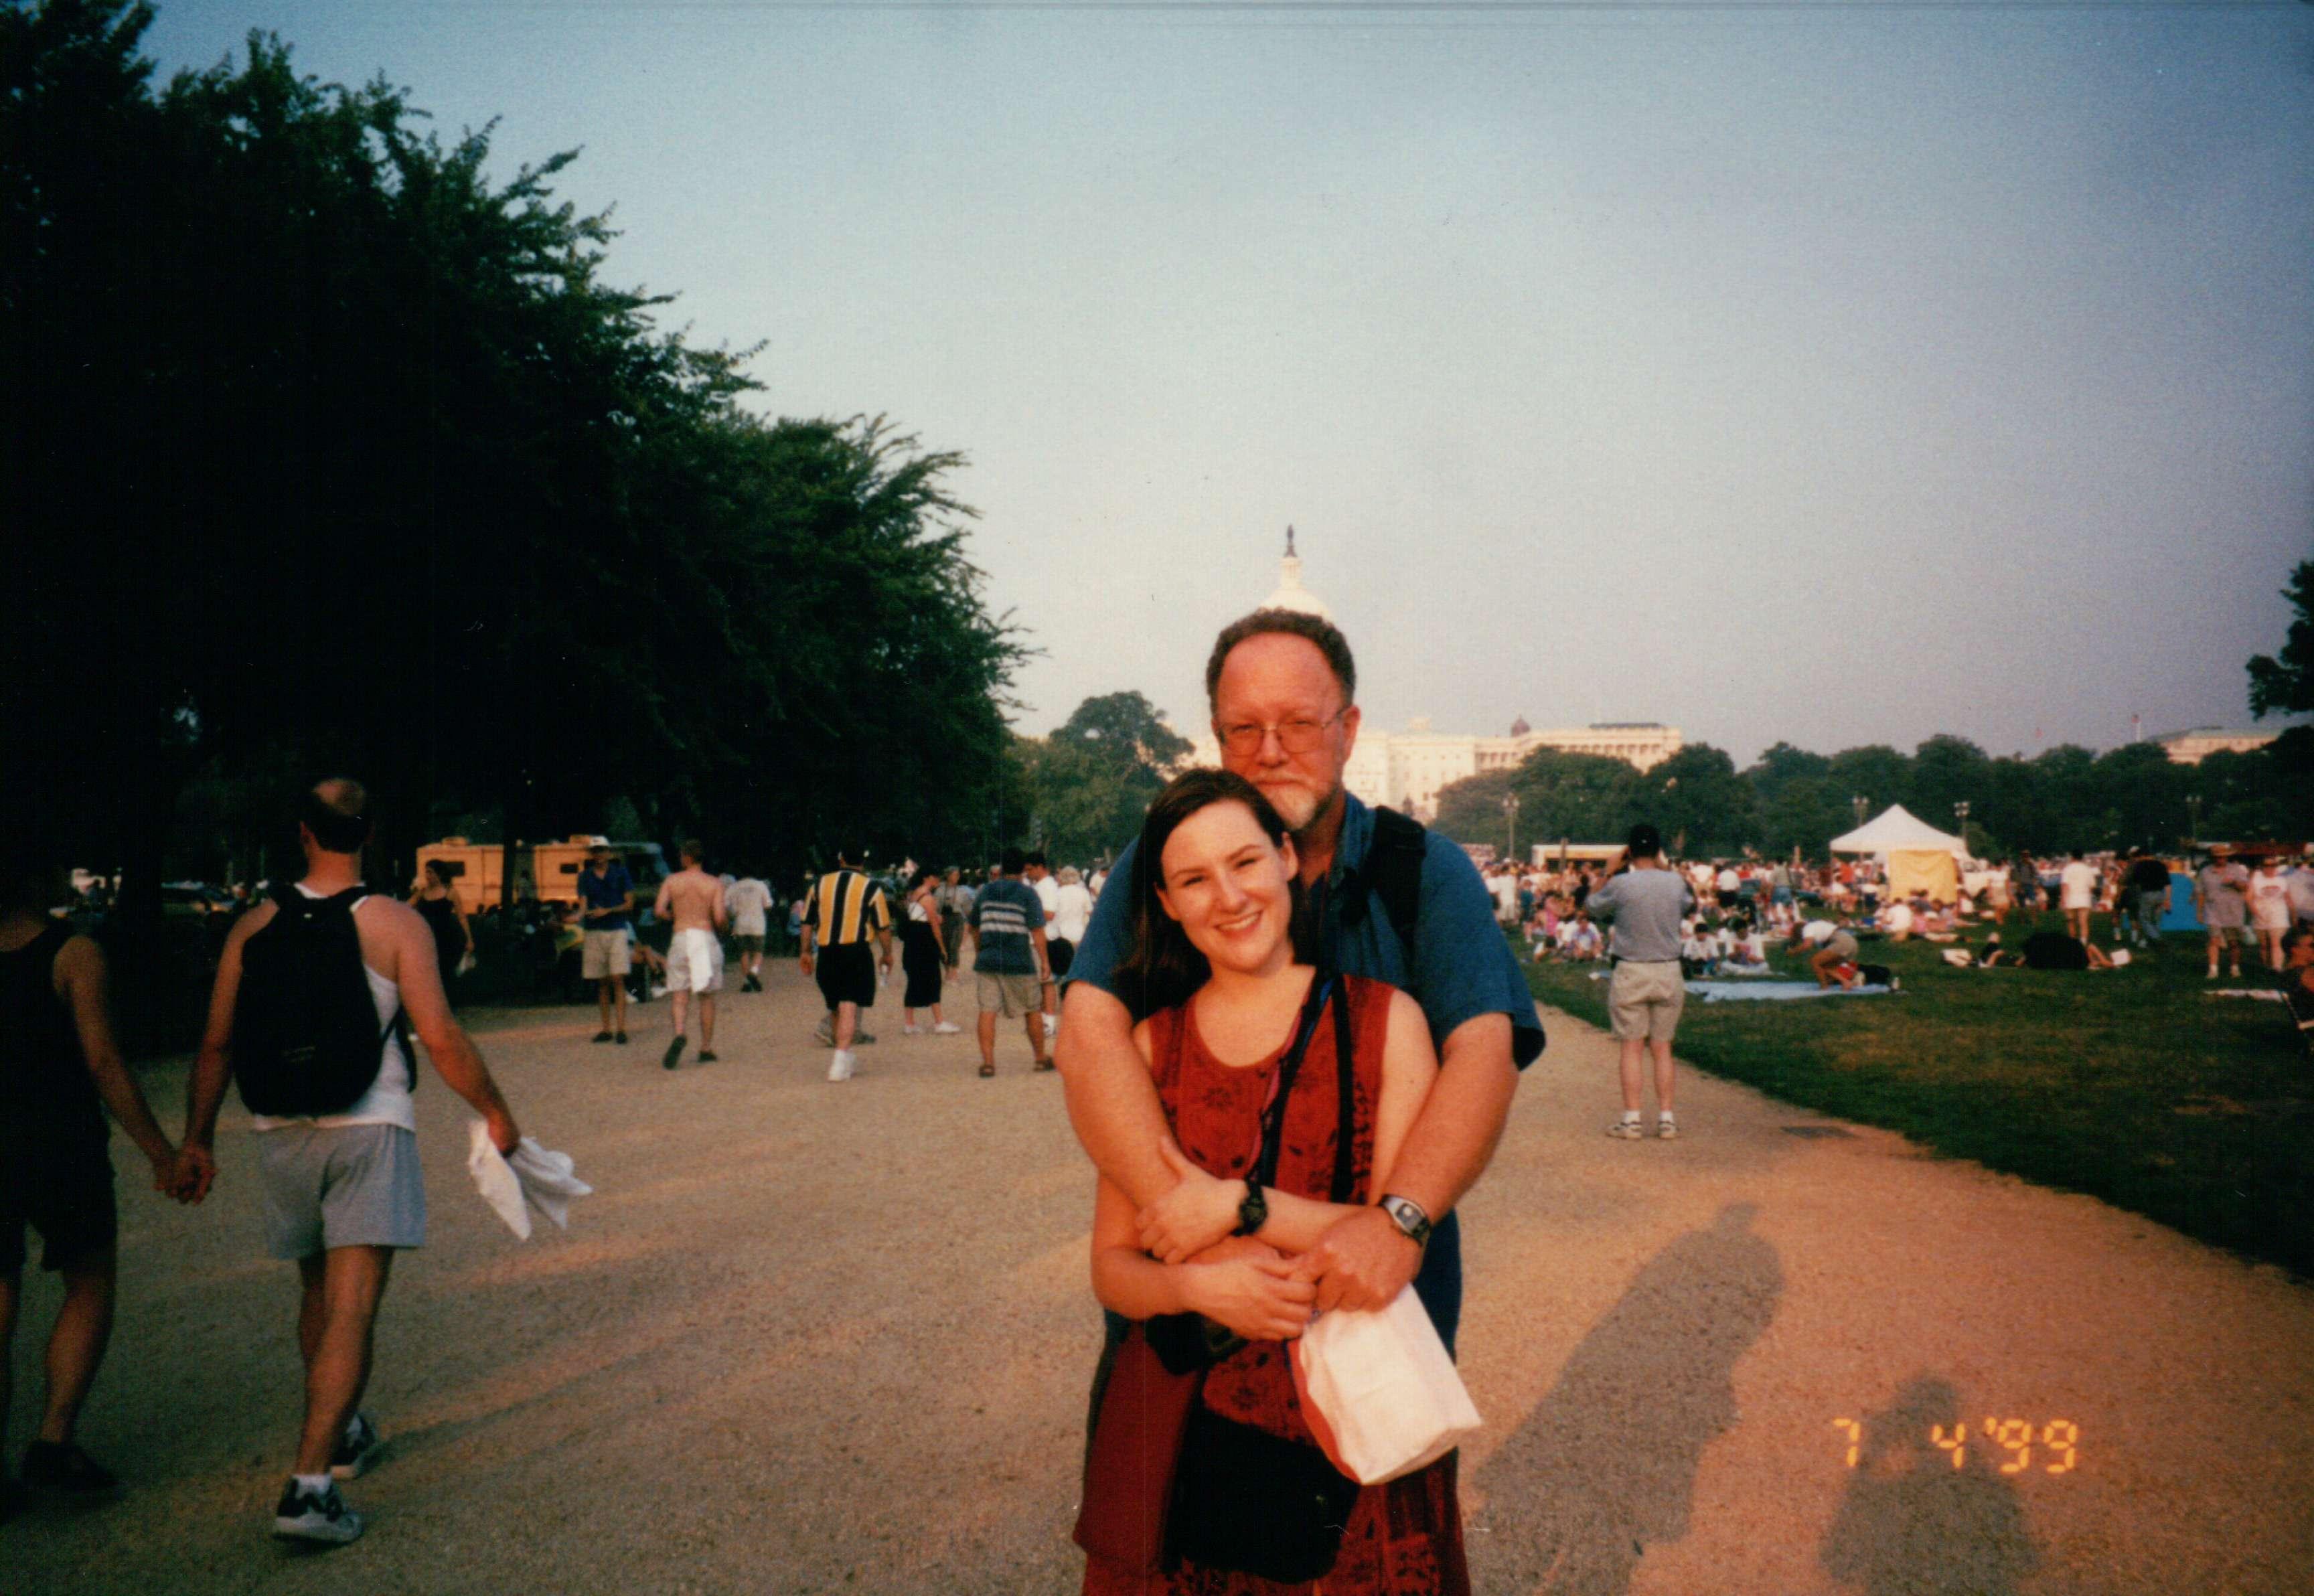 Steven and Rachel